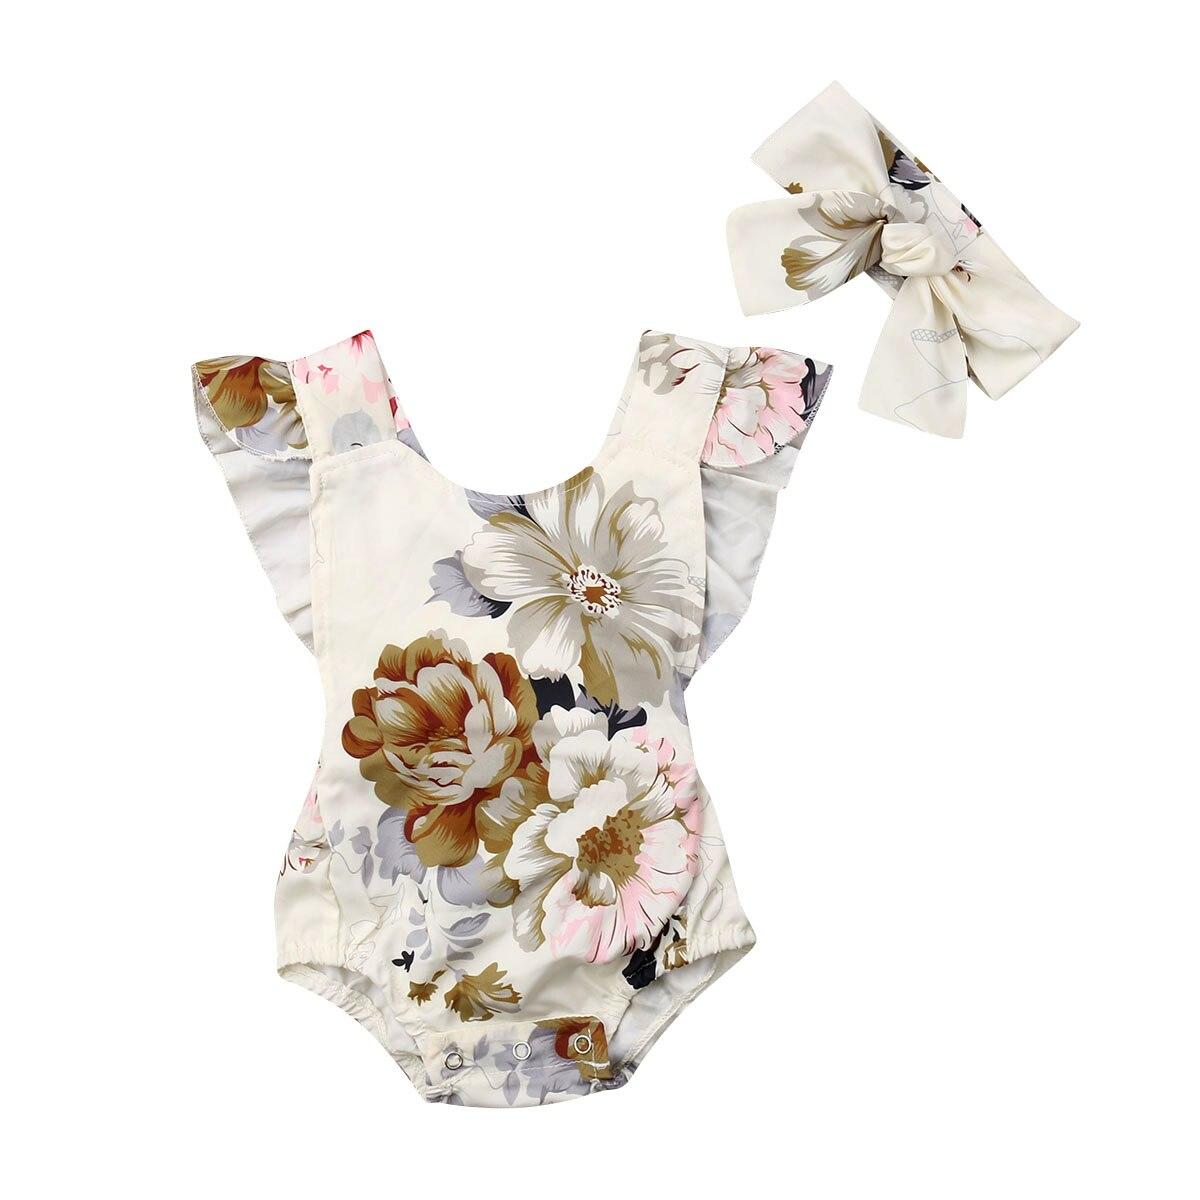 Семейный комплект одежды для новорожденных, комбинезон с оборками для маленьких девочек, комбинезон, повязка на голову